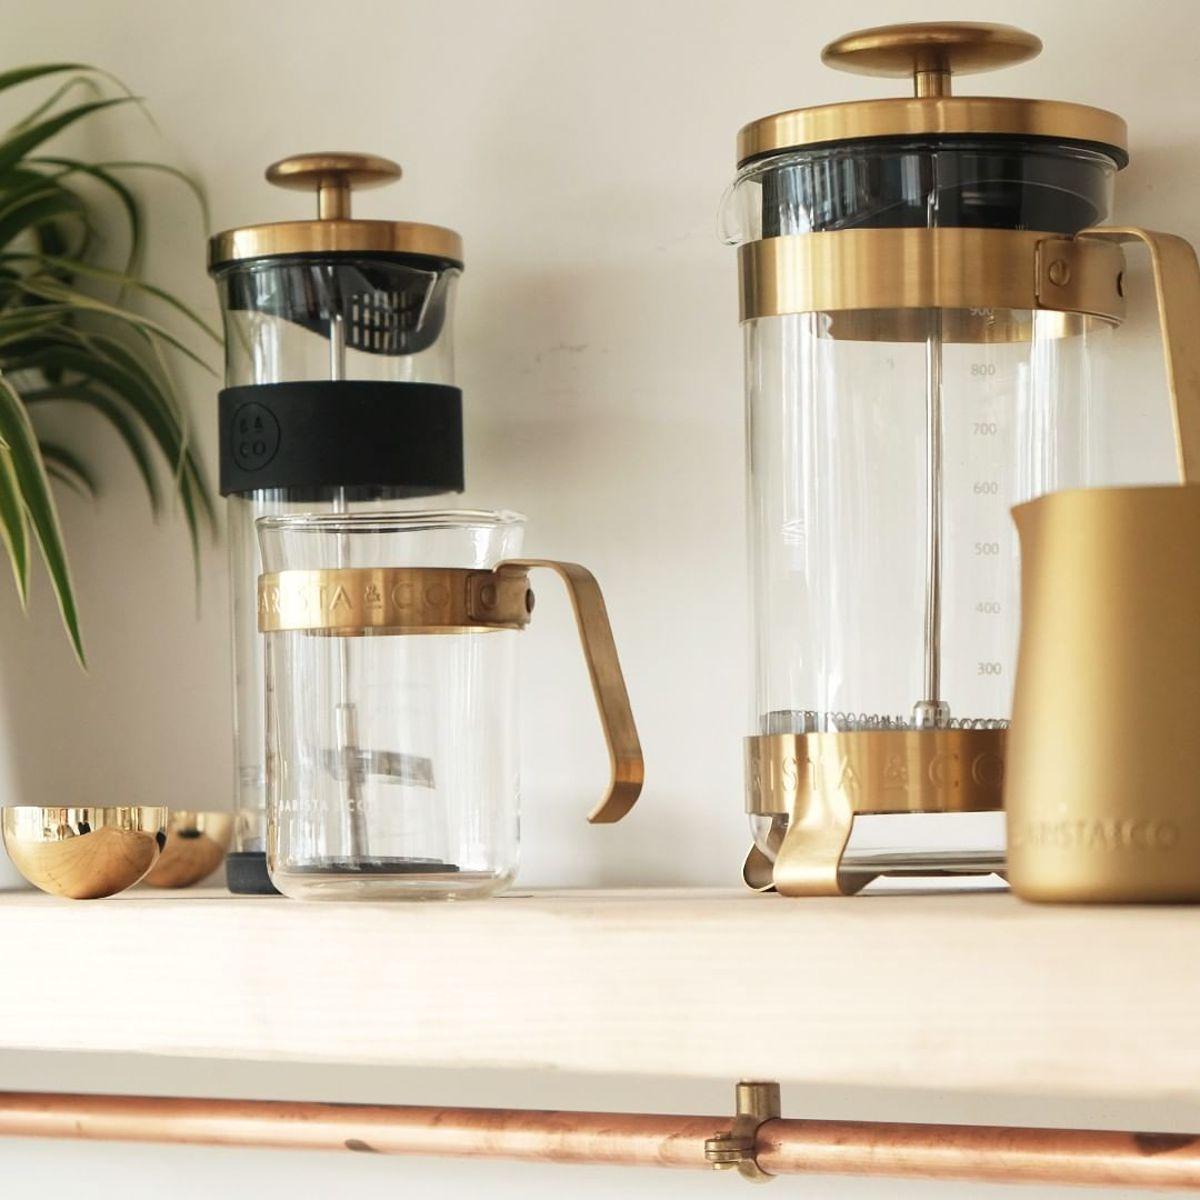 コーヒーが毎日の楽しみになる「フレンチプレス」|8カップ用 | 手軽に香り高いコーヒーが淹れられる、洗練されたデザインの「フレンチプレス」/ 8CUP PLUNGE POT